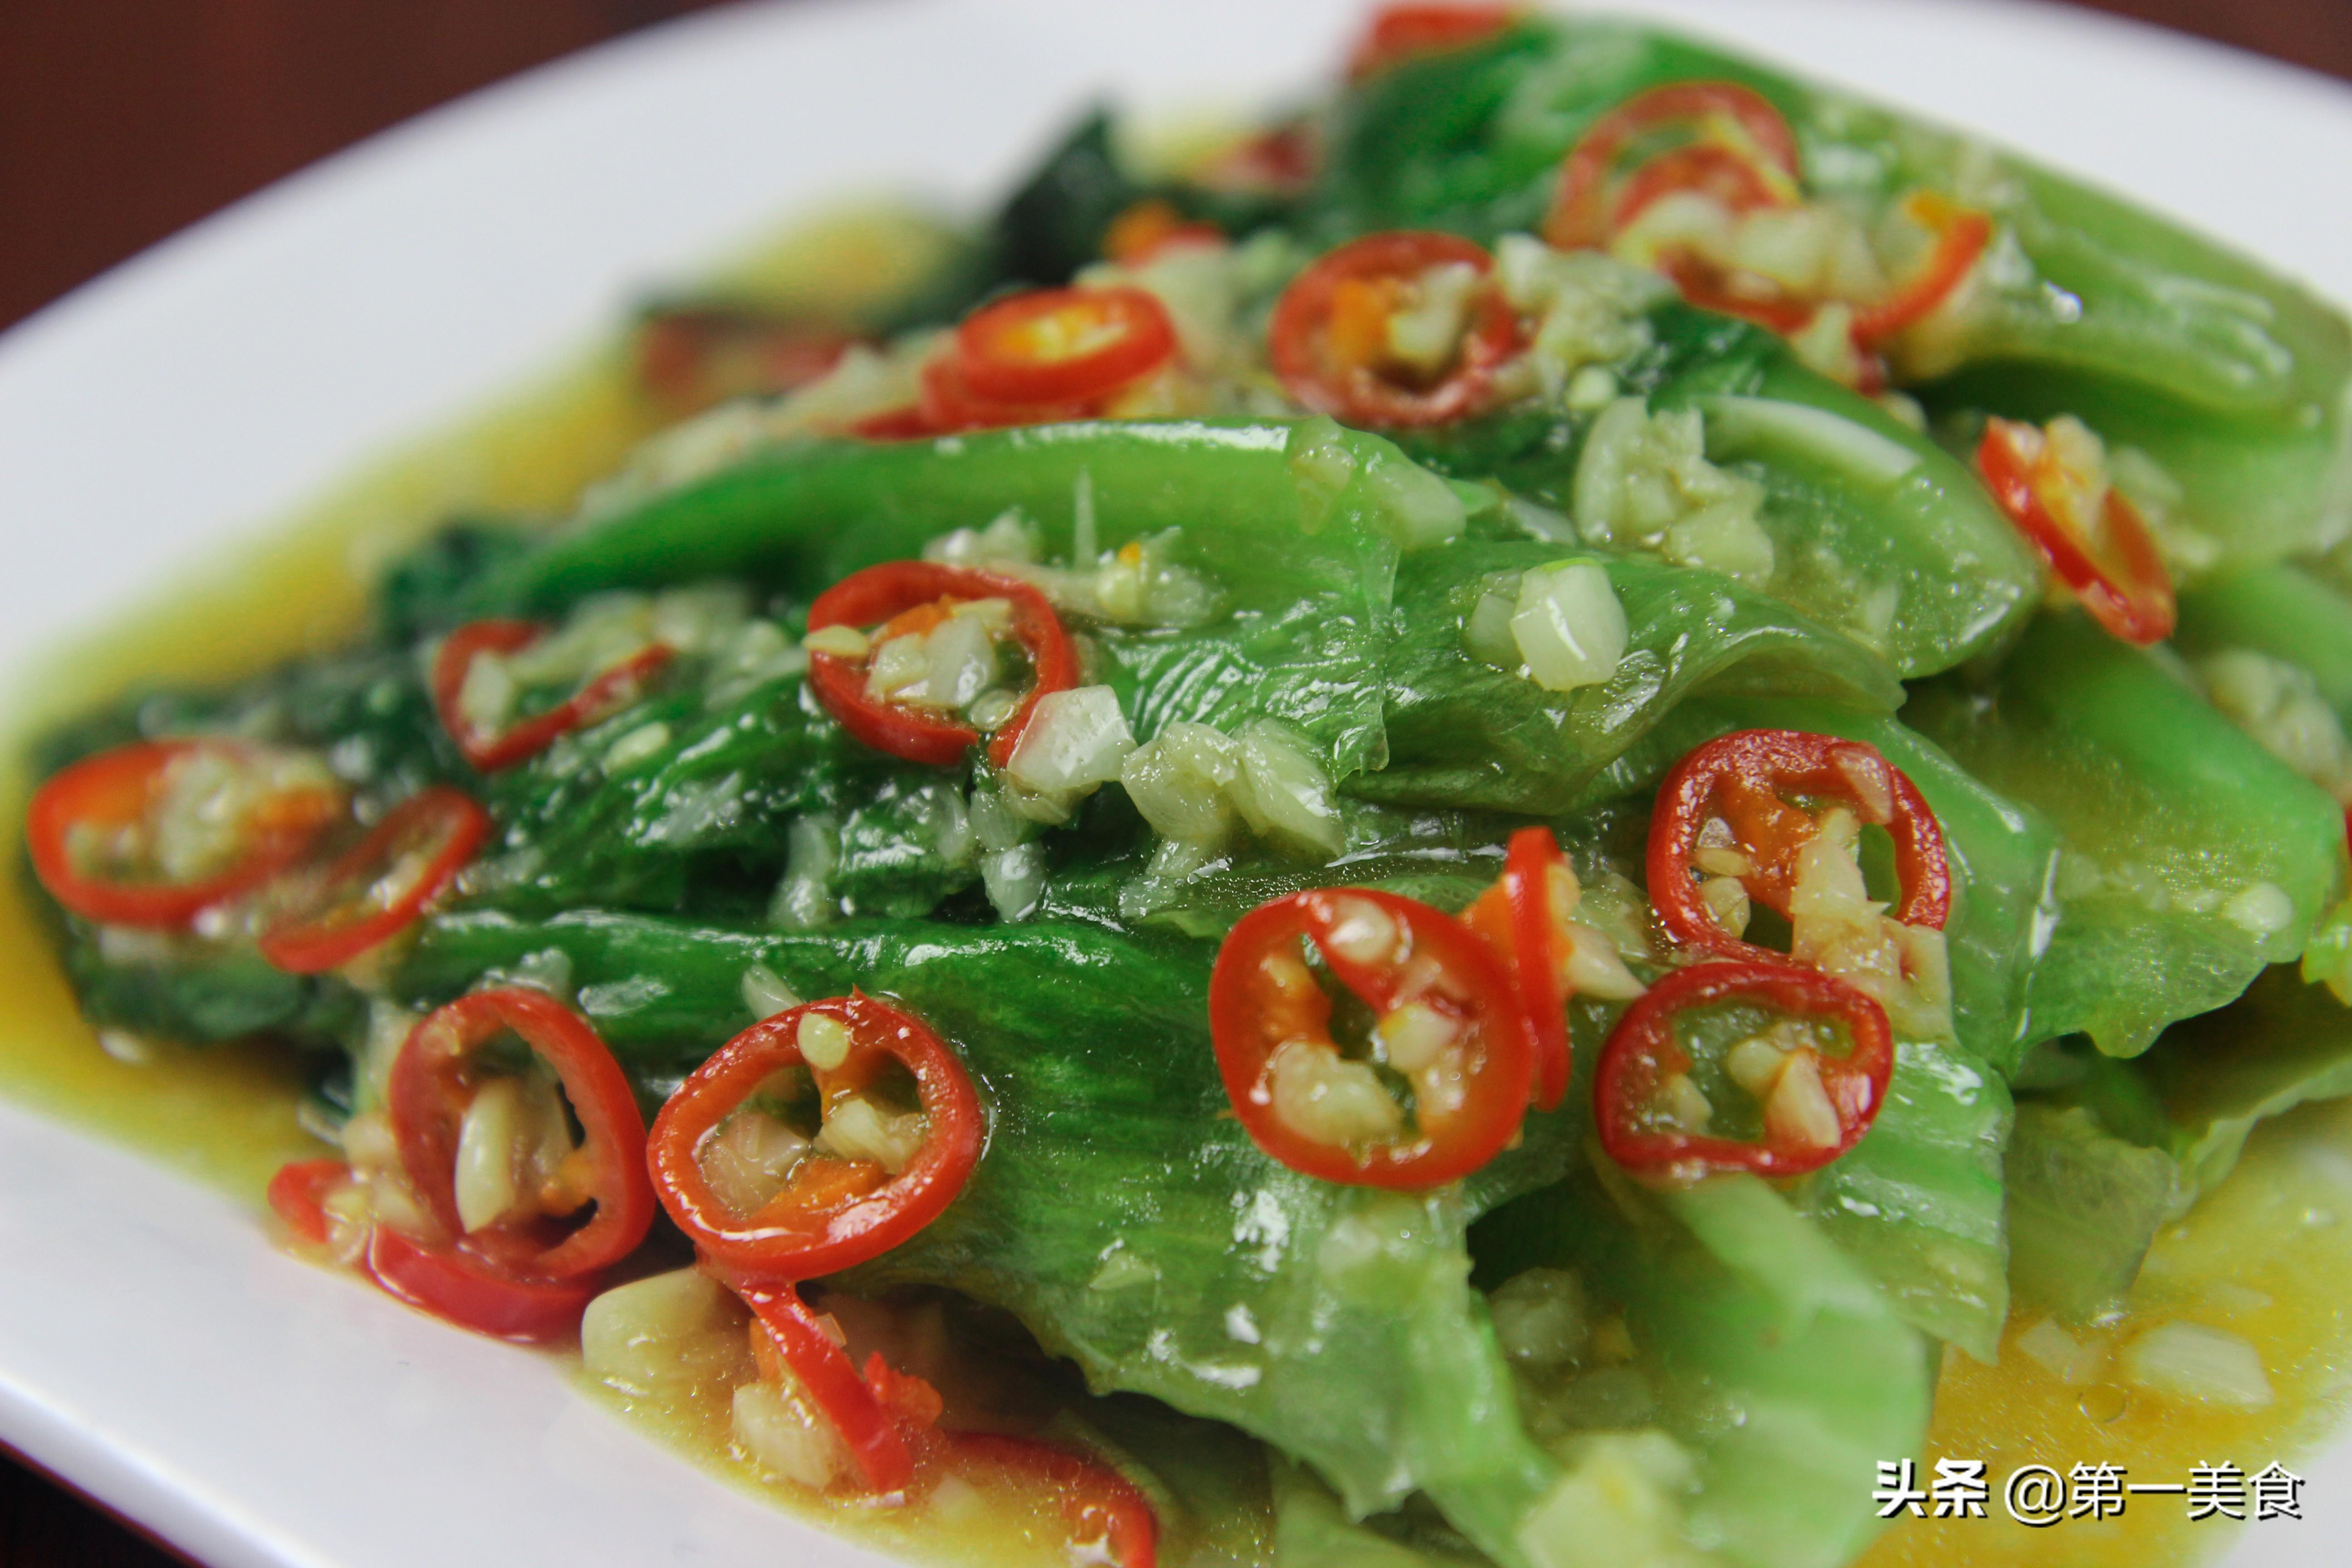 蚝油生菜做法步骤图 鲜嫩美味